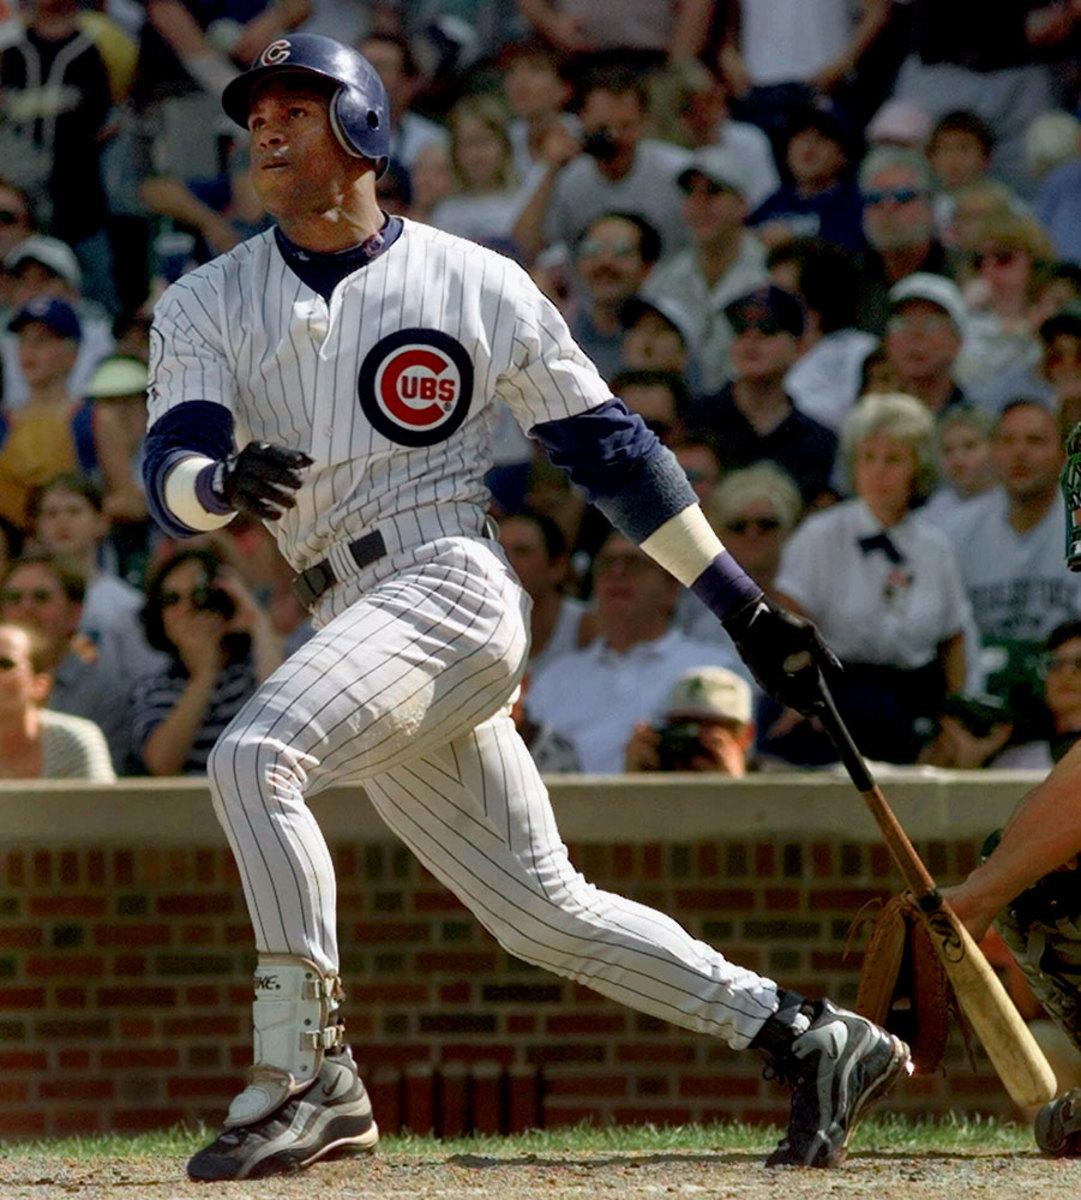 1998-0913-Sammy-Sosa-61st-62nd-home-run-game.jpg